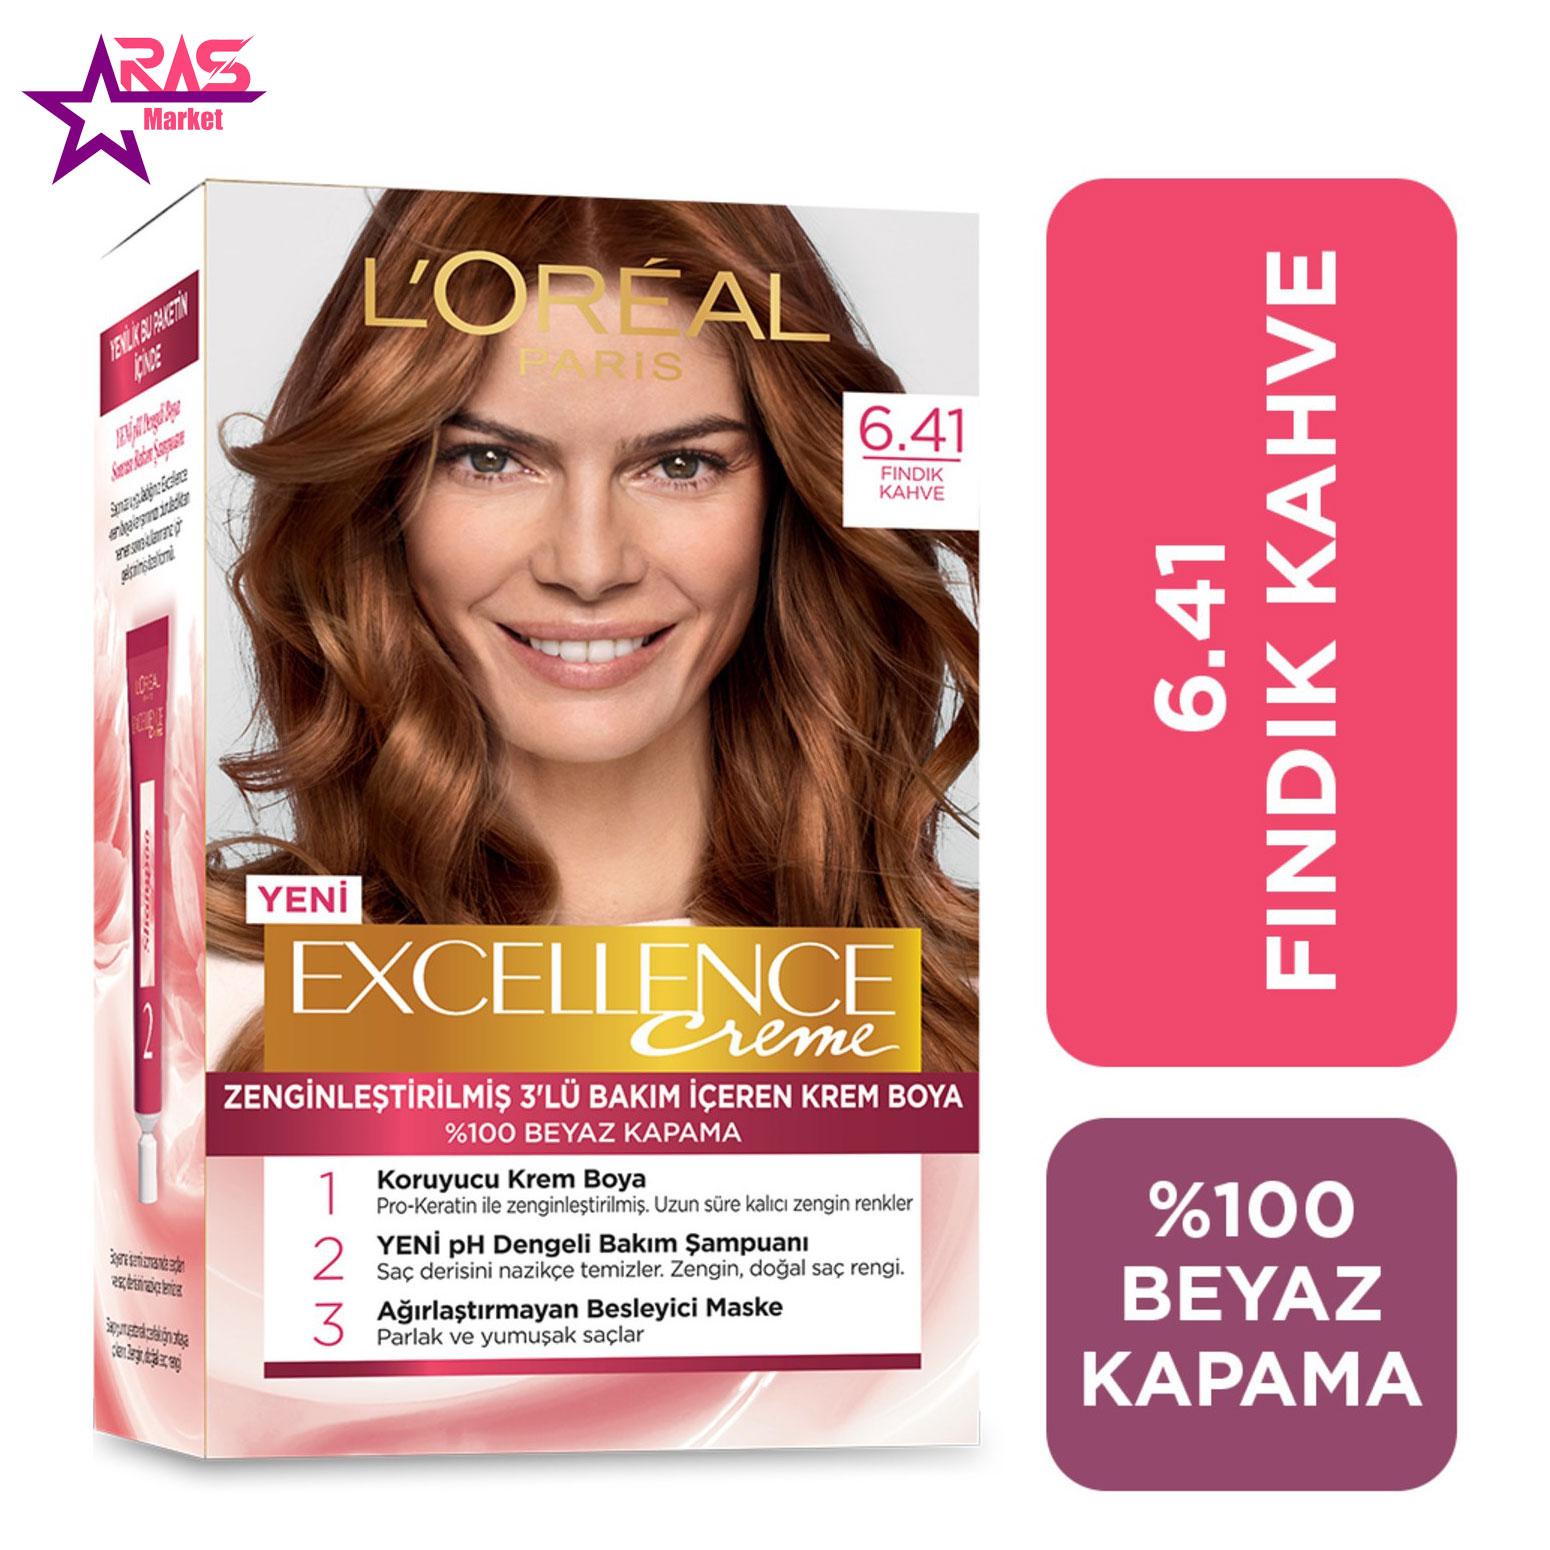 کیت رنگ مو لورآل سری Excellence شماره 6.41 ، فروشگاه اینترنتی ارس مارکت ، بهداشت بانوان